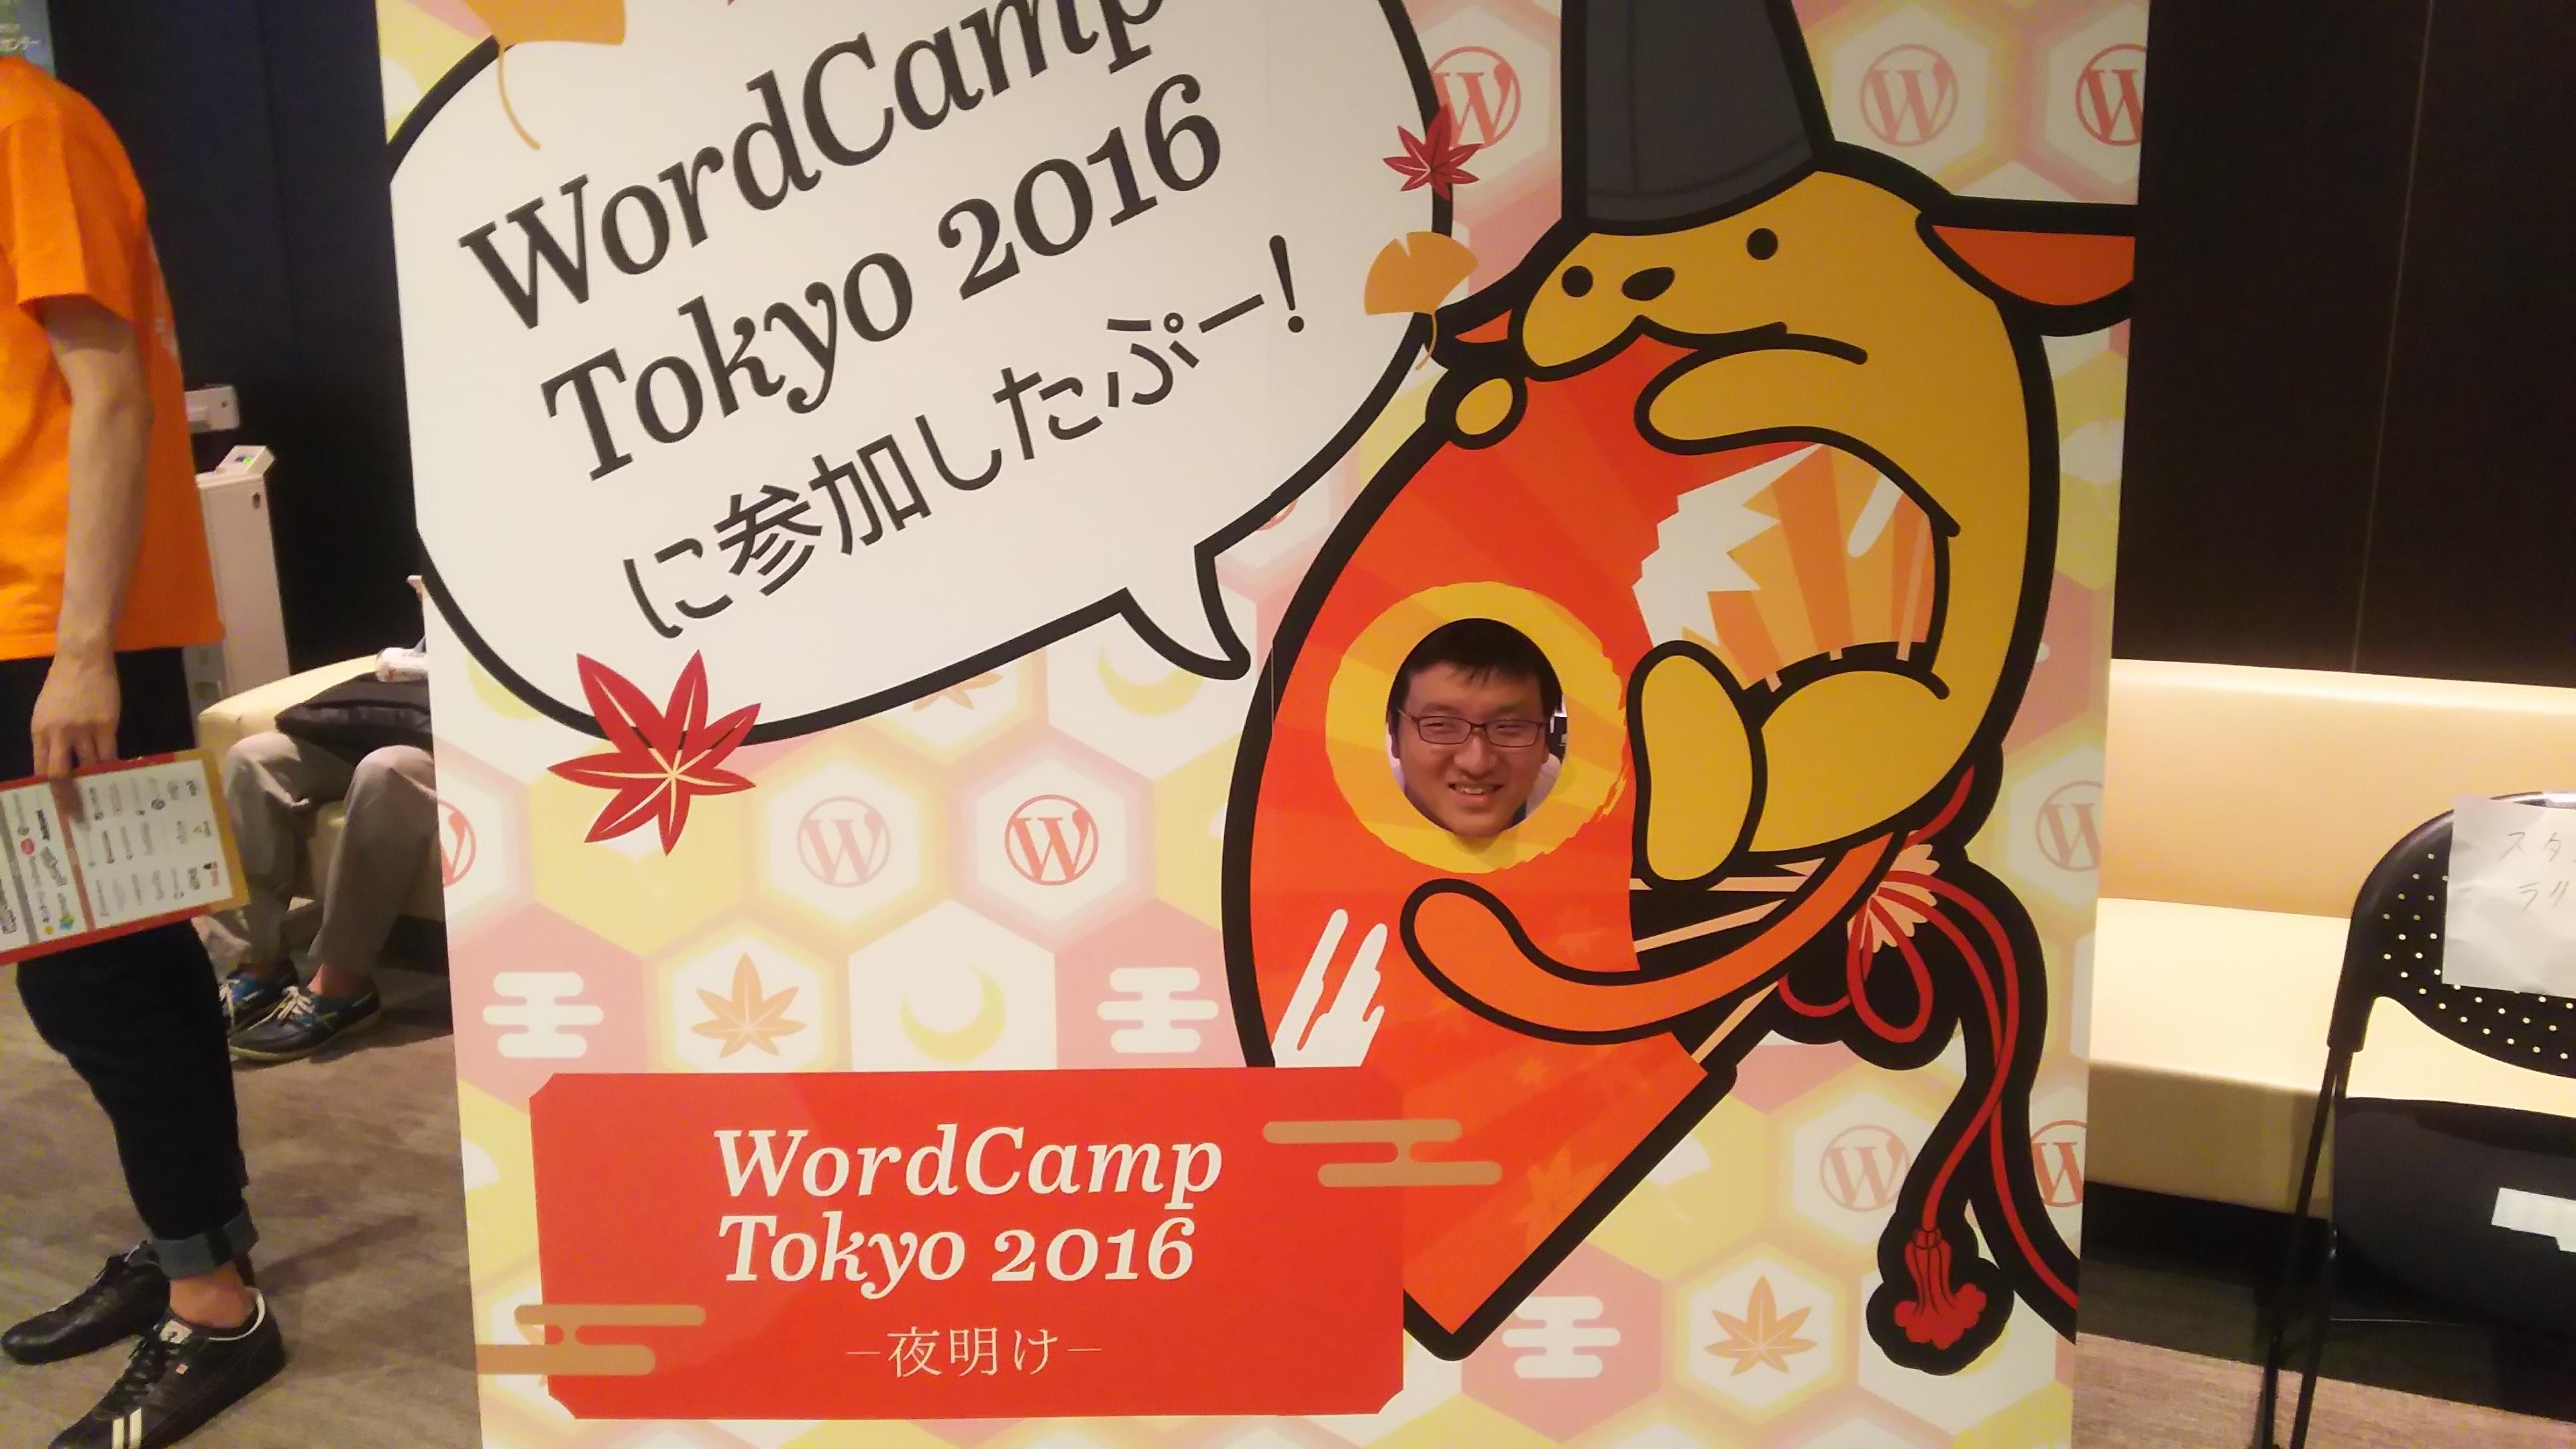 ブログを書くまでがWordCamp